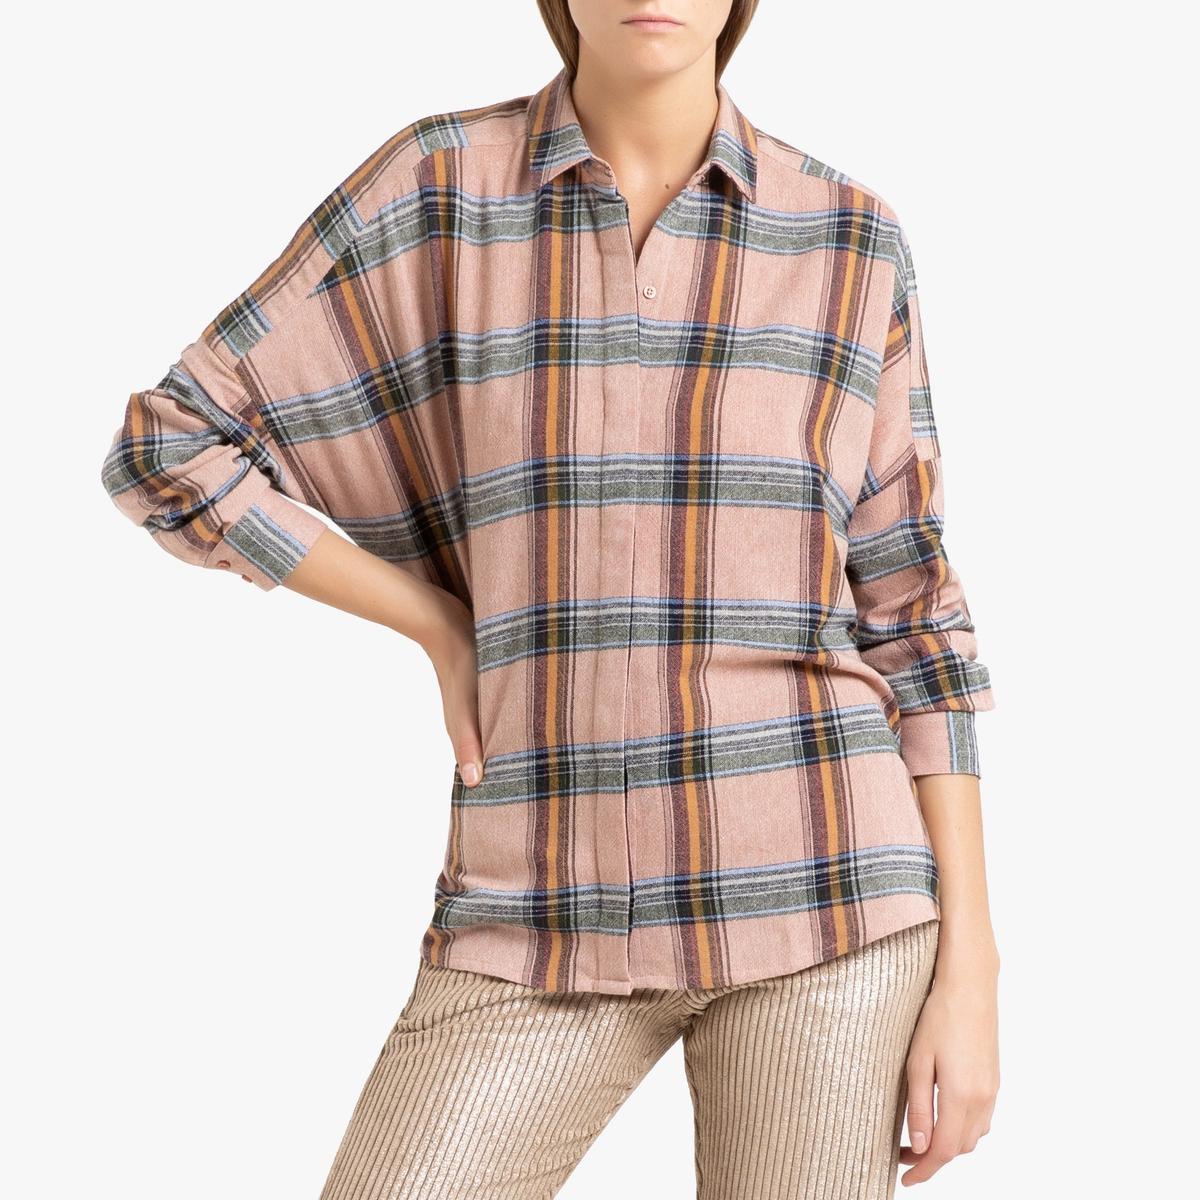 купить Рубашка La Redoute В клетку с длинными рукавами DELIWOOL M розовый по цене 12899 рублей